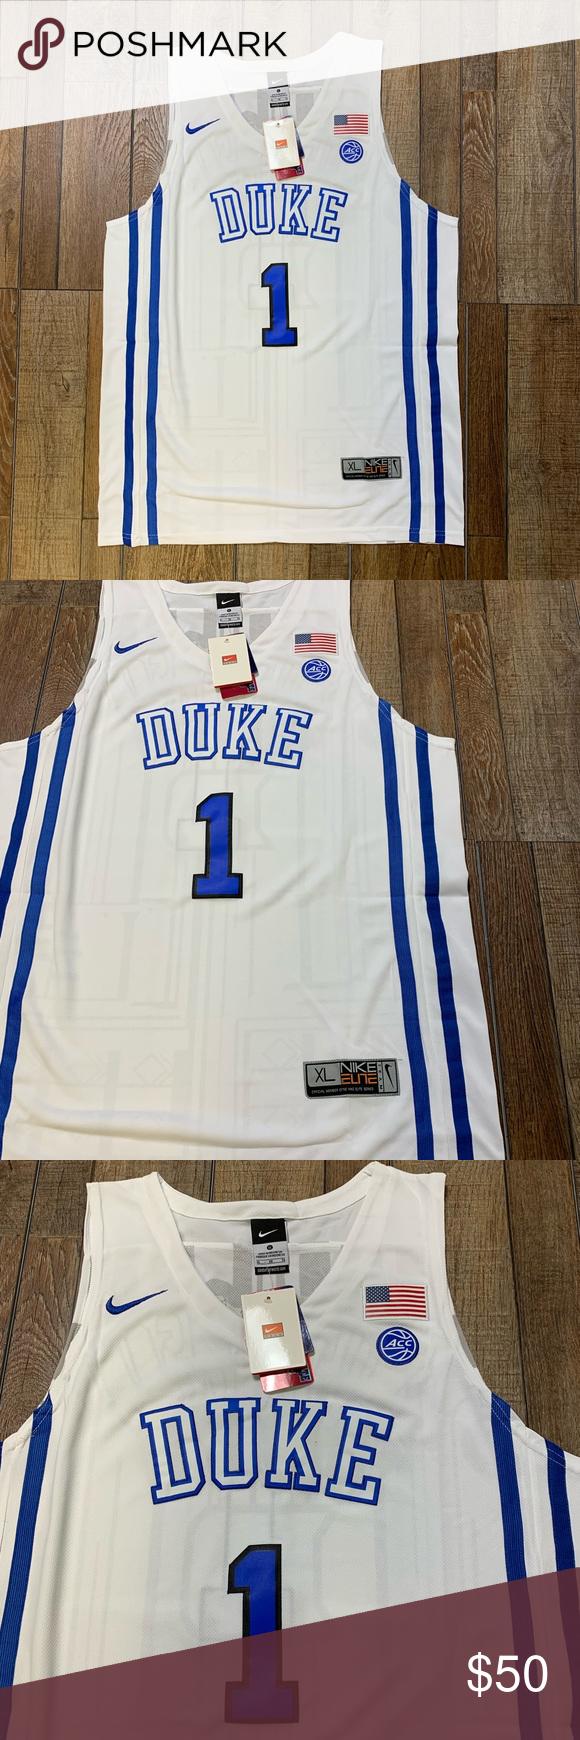 90e0e37baca8 NWT Zion Williamson Duke Blue Devils Jersey 🔥🔥💯 Brand New   Perfect  Condition Zion Williamson  1 Duke Blue Devils Official   Authentic College  NCAA Men s ...